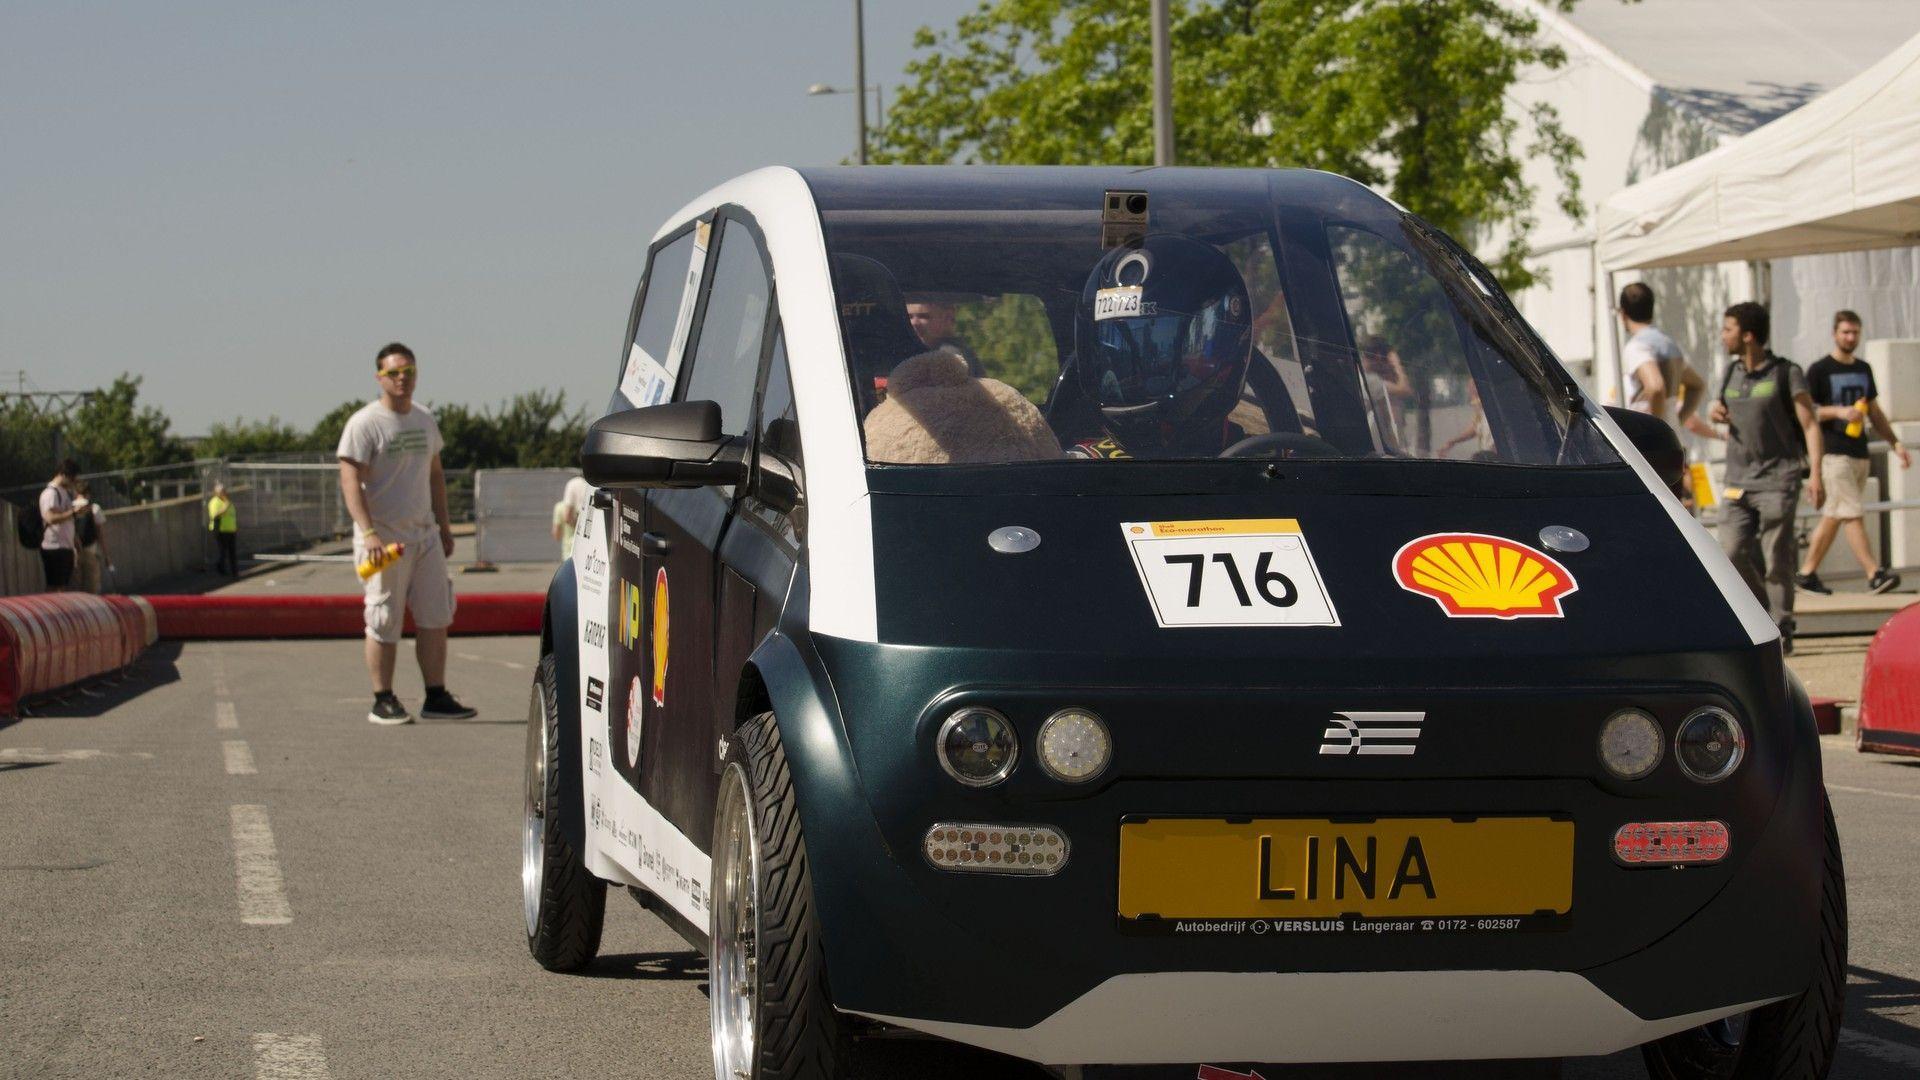 lina-bio-composite-car (1)